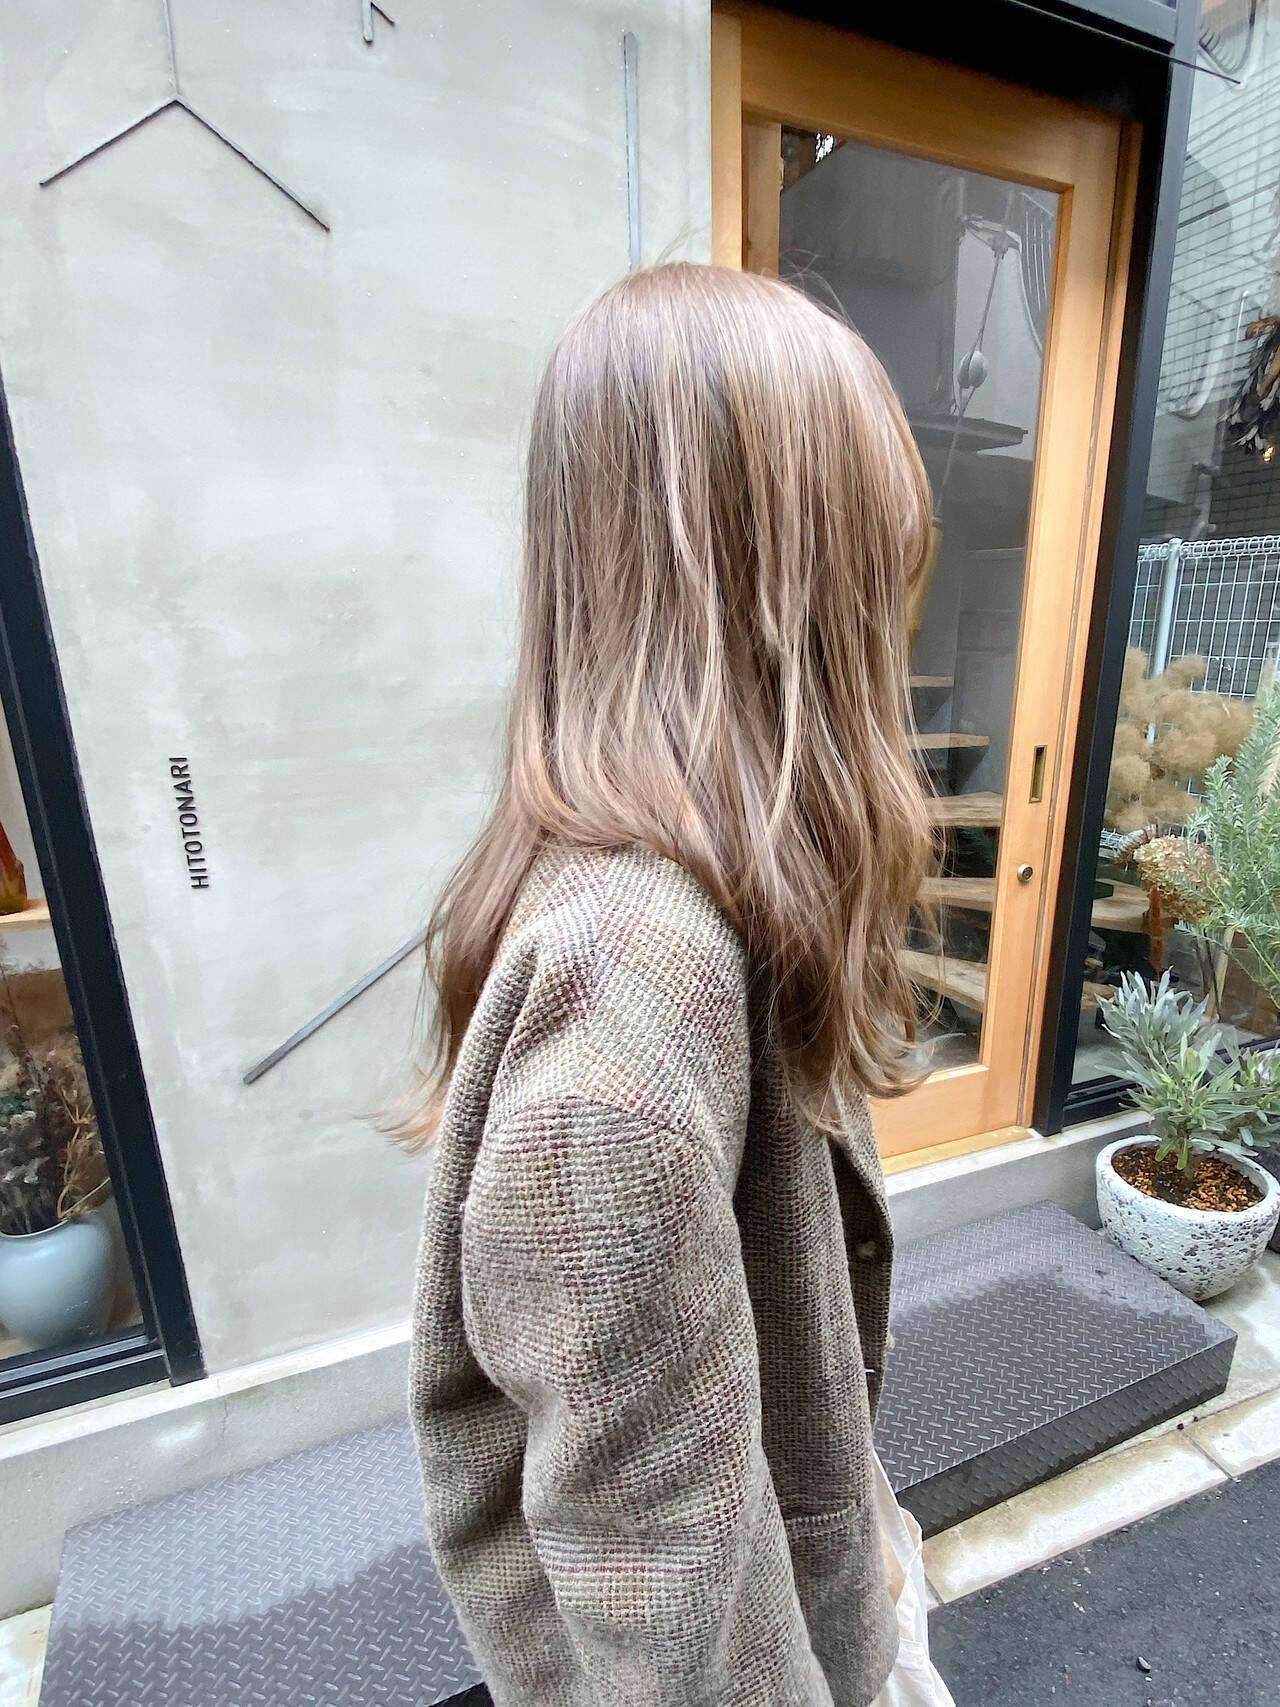 透明感 くすみベージュ アンニュイほつれヘア 透明感カラーヘアスタイルや髪型の写真・画像